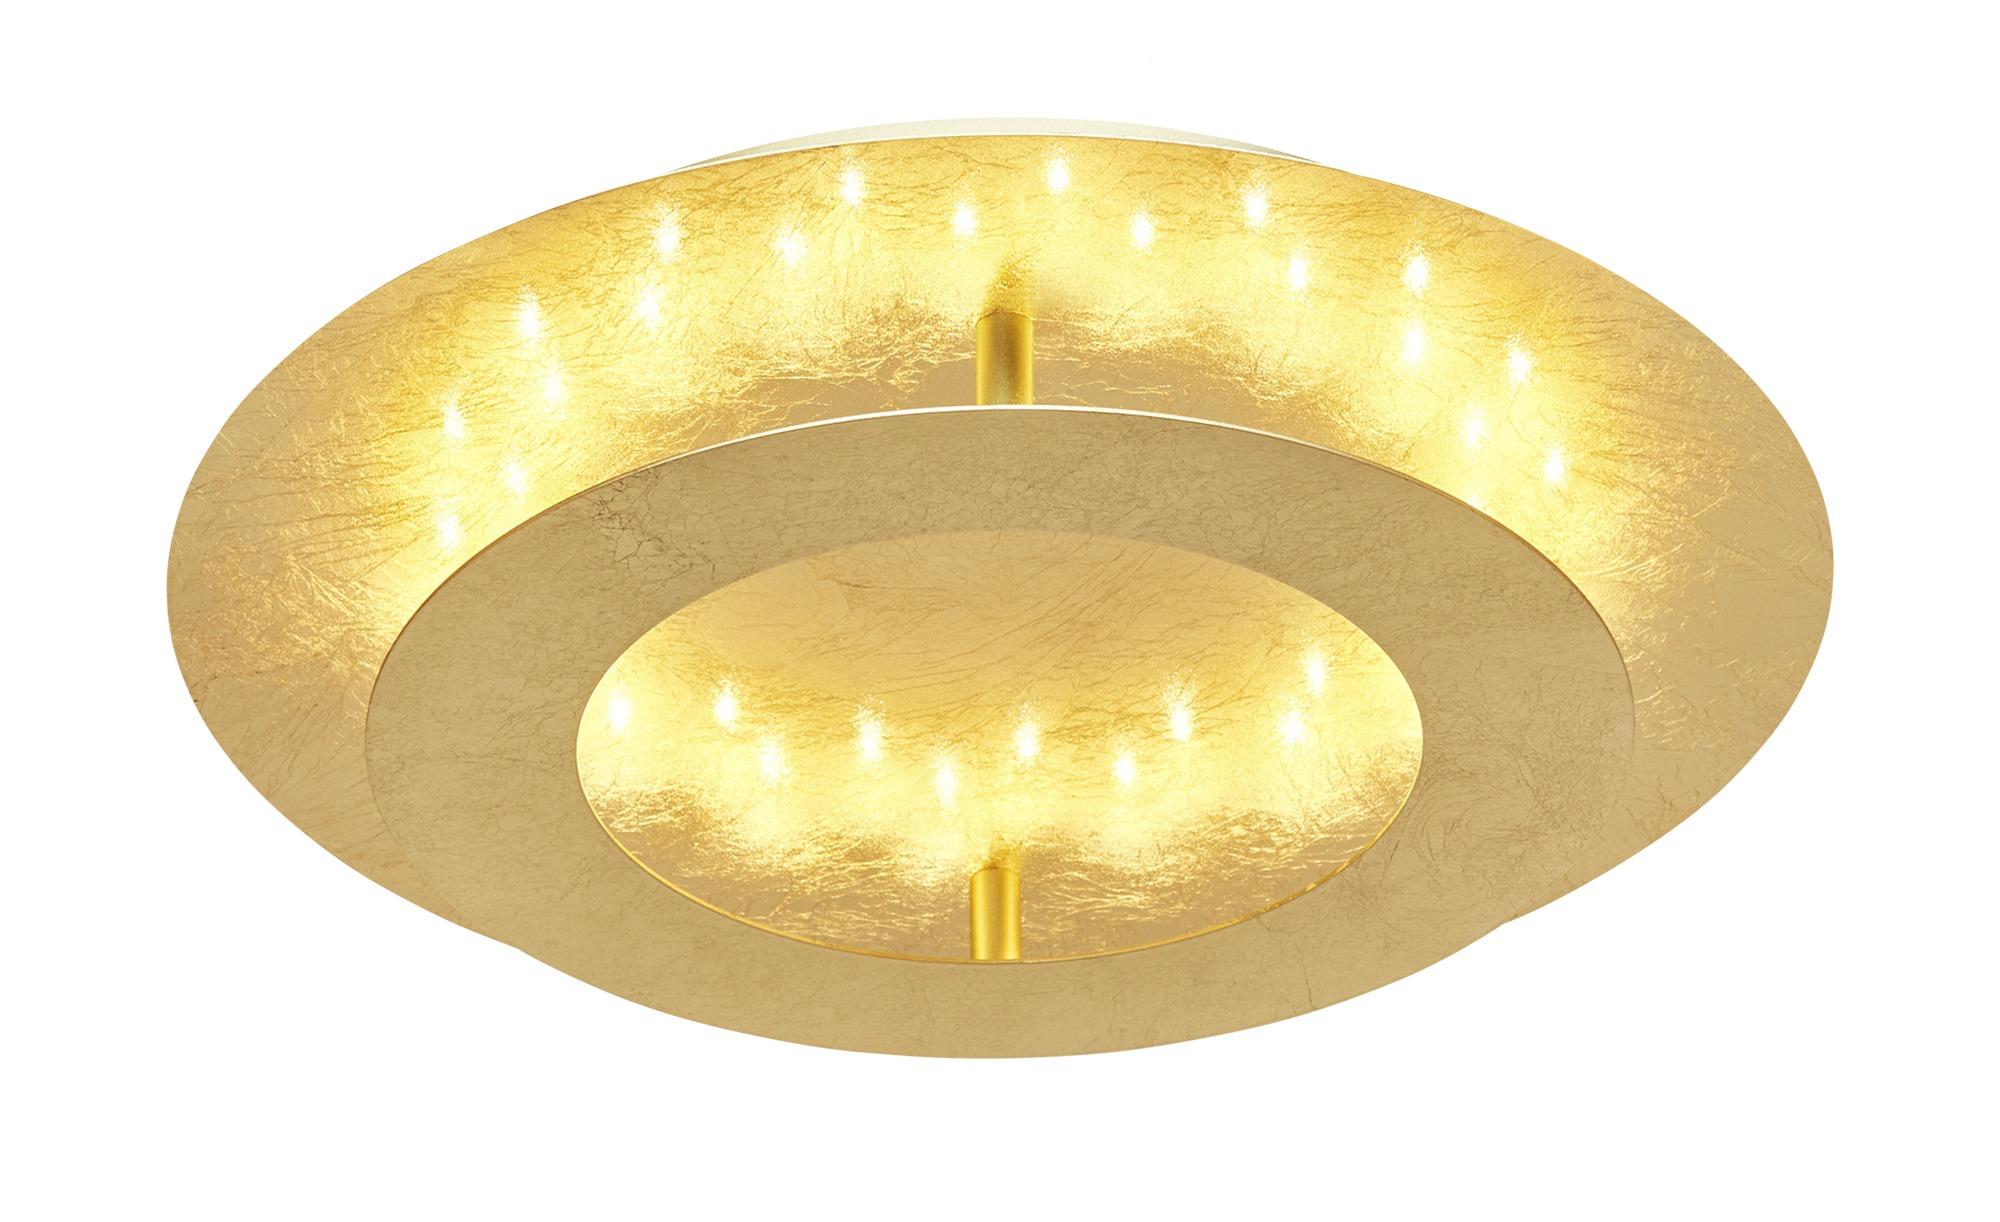 Paul Neuhaus LED-Deckenleuchte, blattgoldfarben ¦ gold ¦ Maße (cm): H: 8 Ø: 40 Lampen & Leuchten > Innenleuchten > Deckenleuchten - Höffner